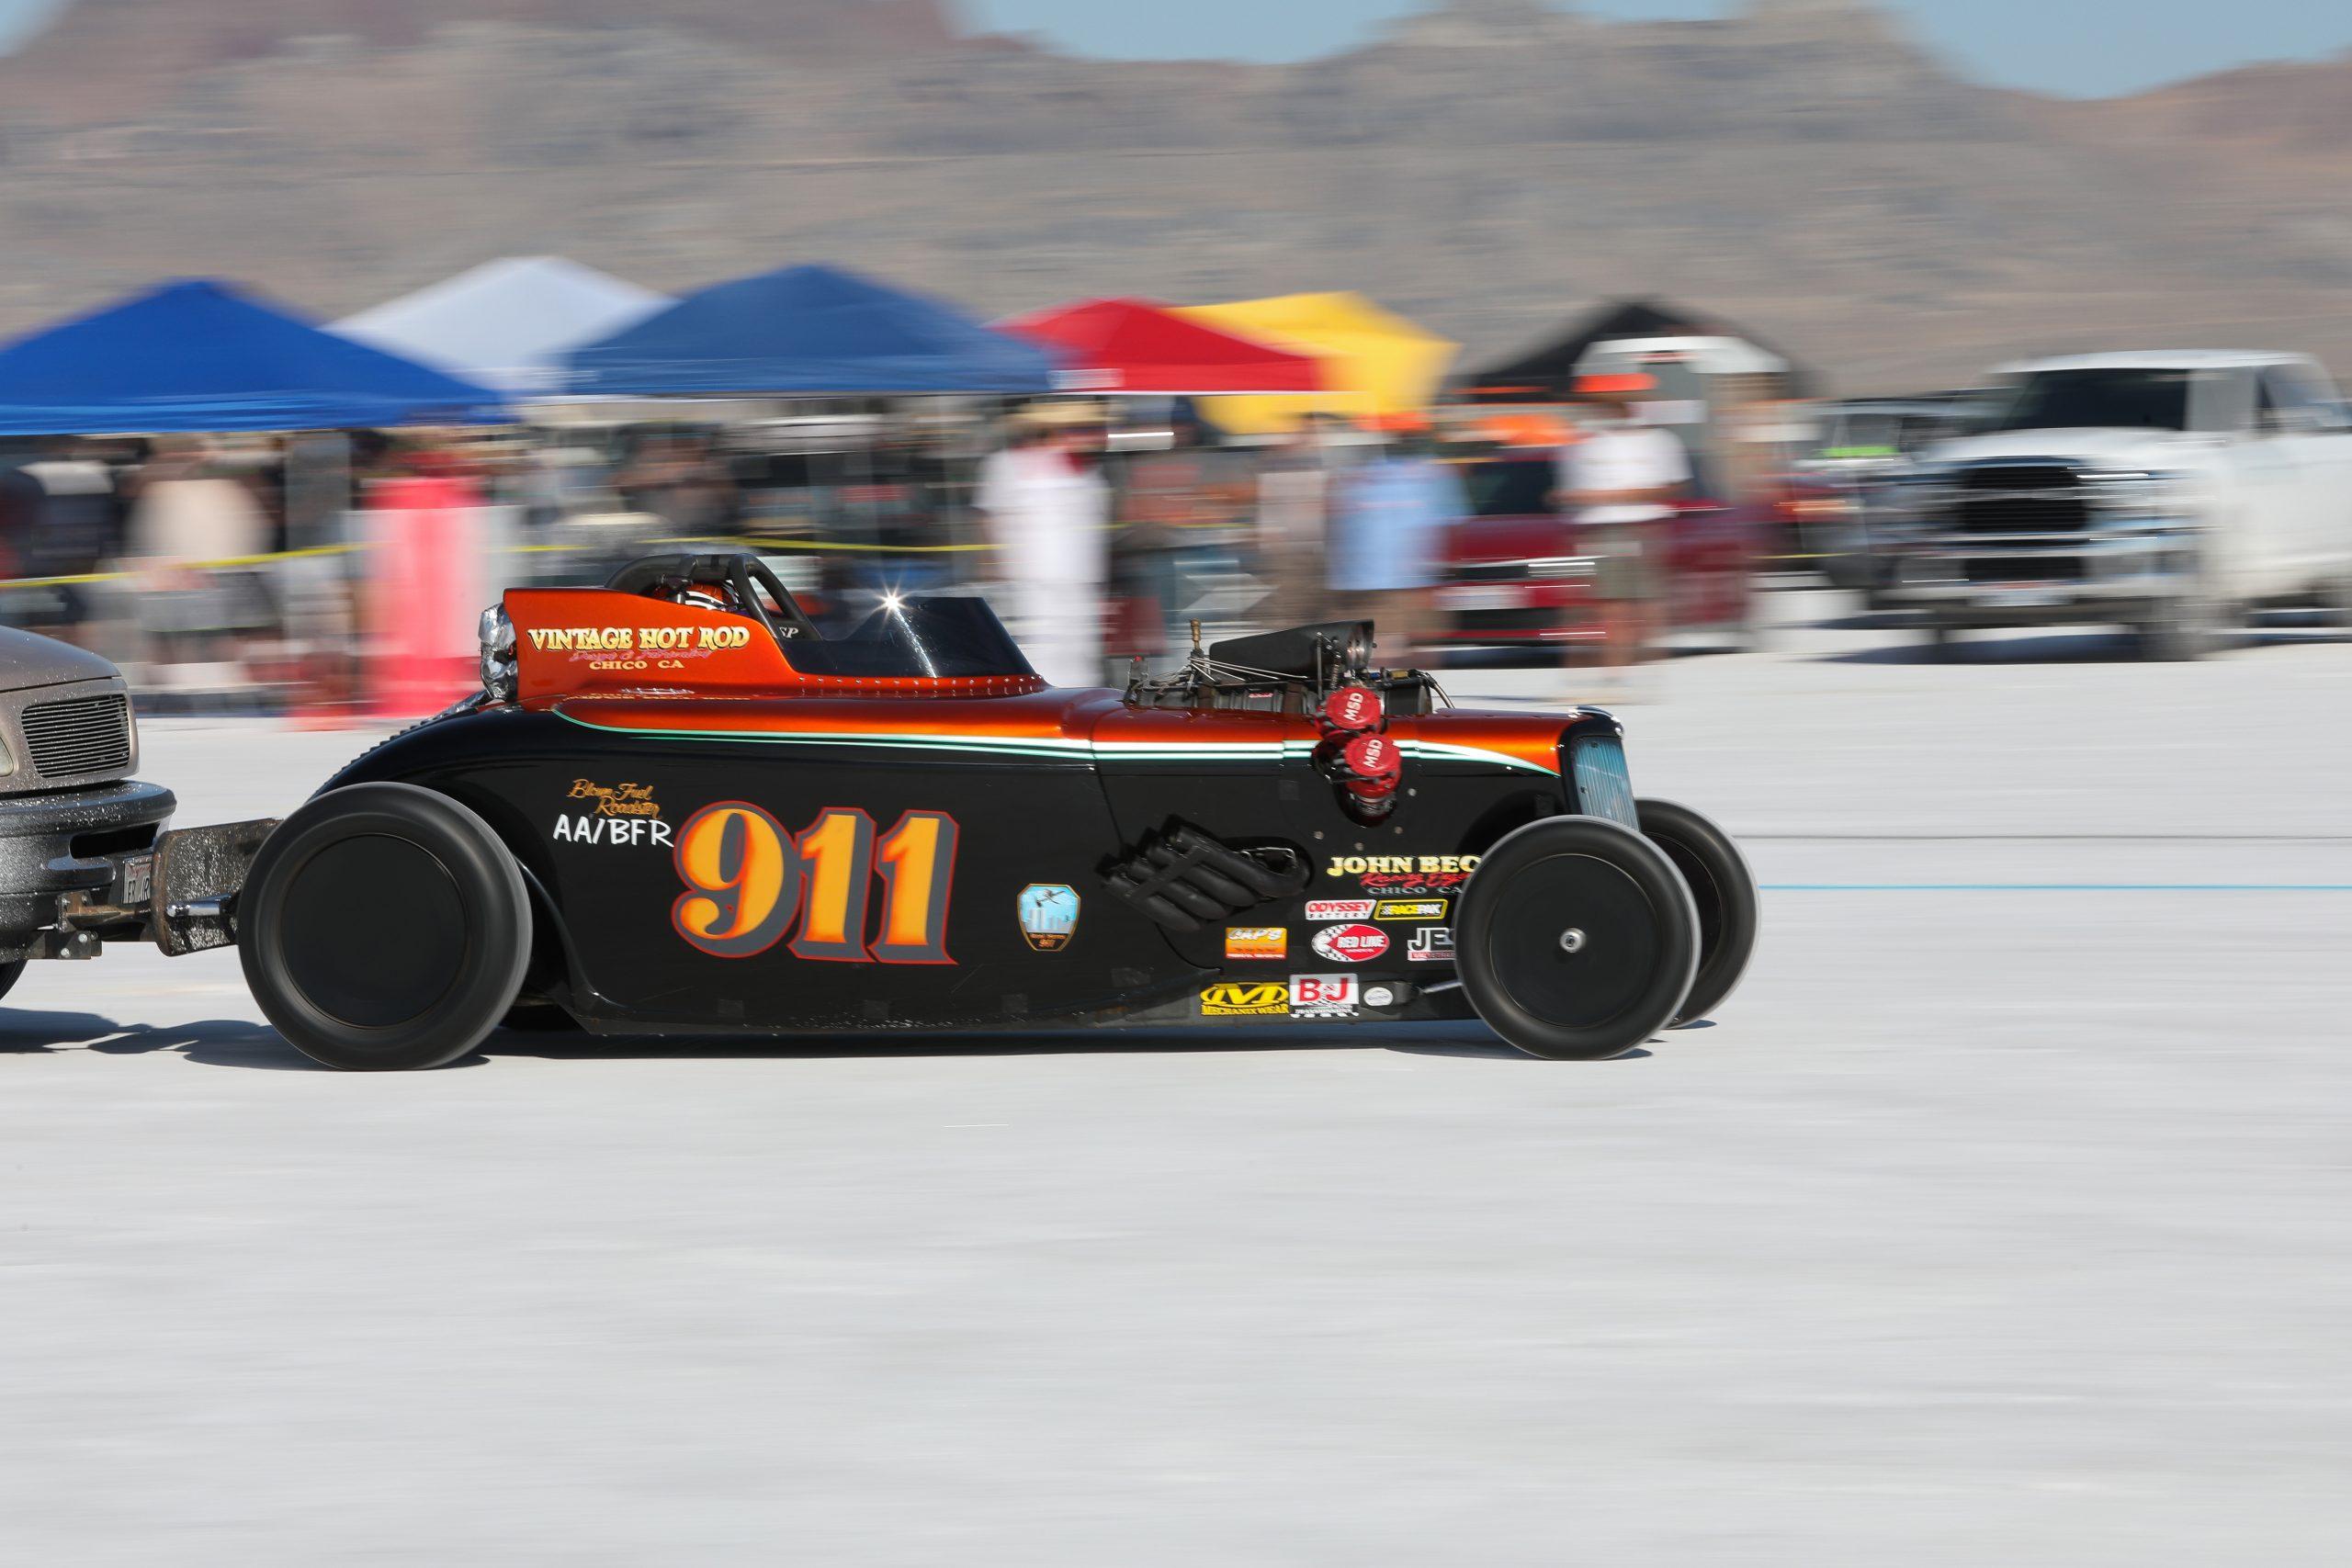 911 Blown Fuel Roadster Bonneville 2020